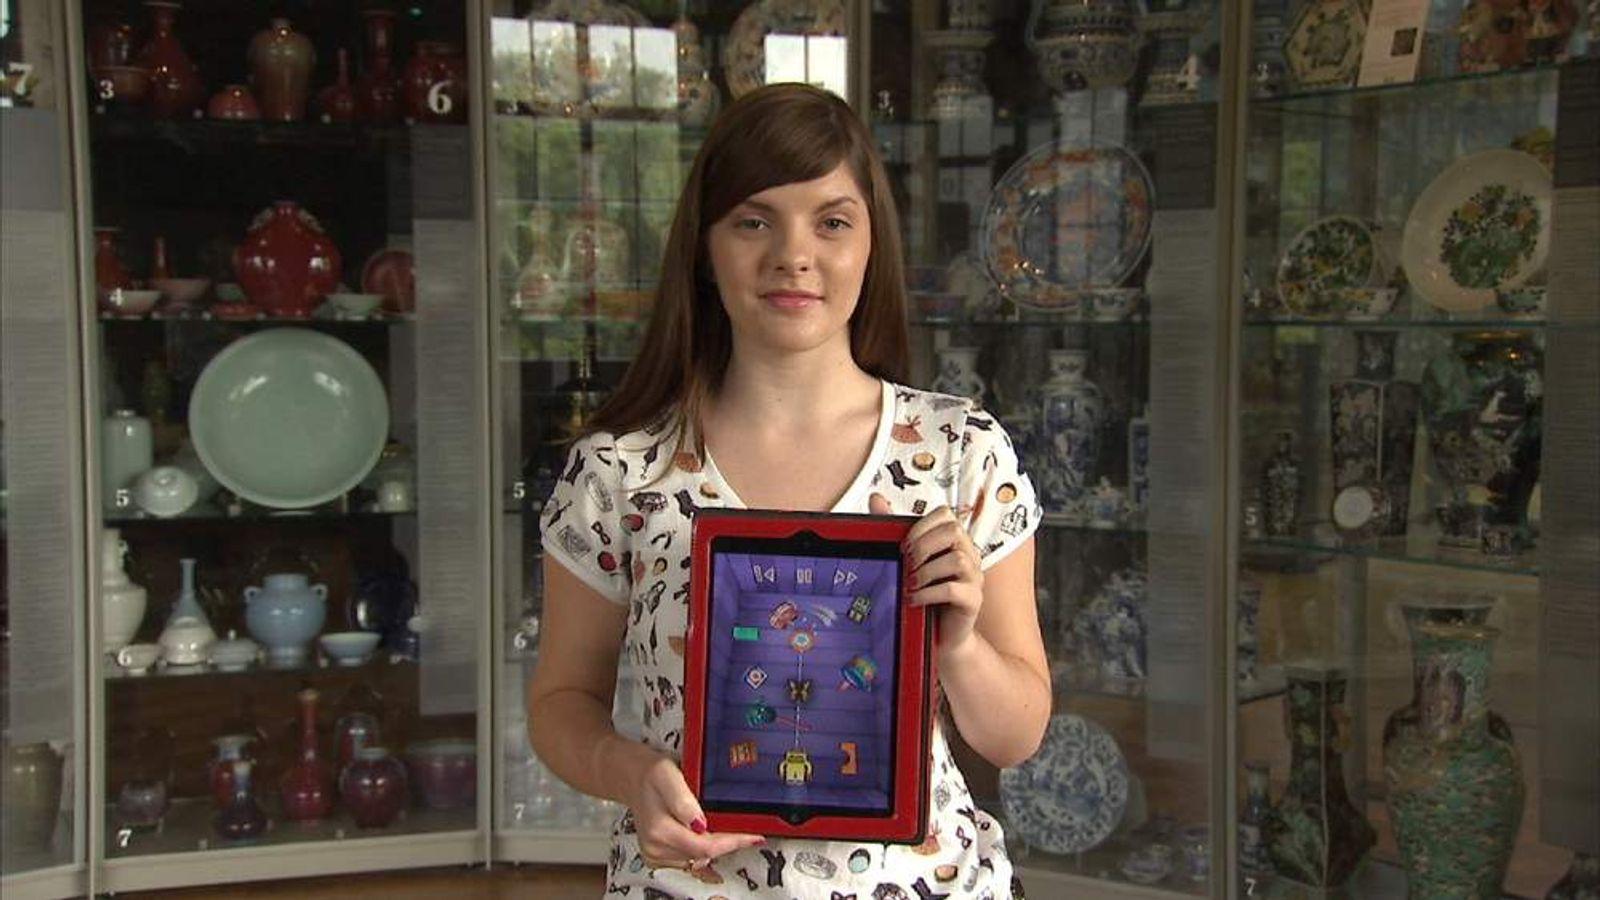 Games designer Sophia George